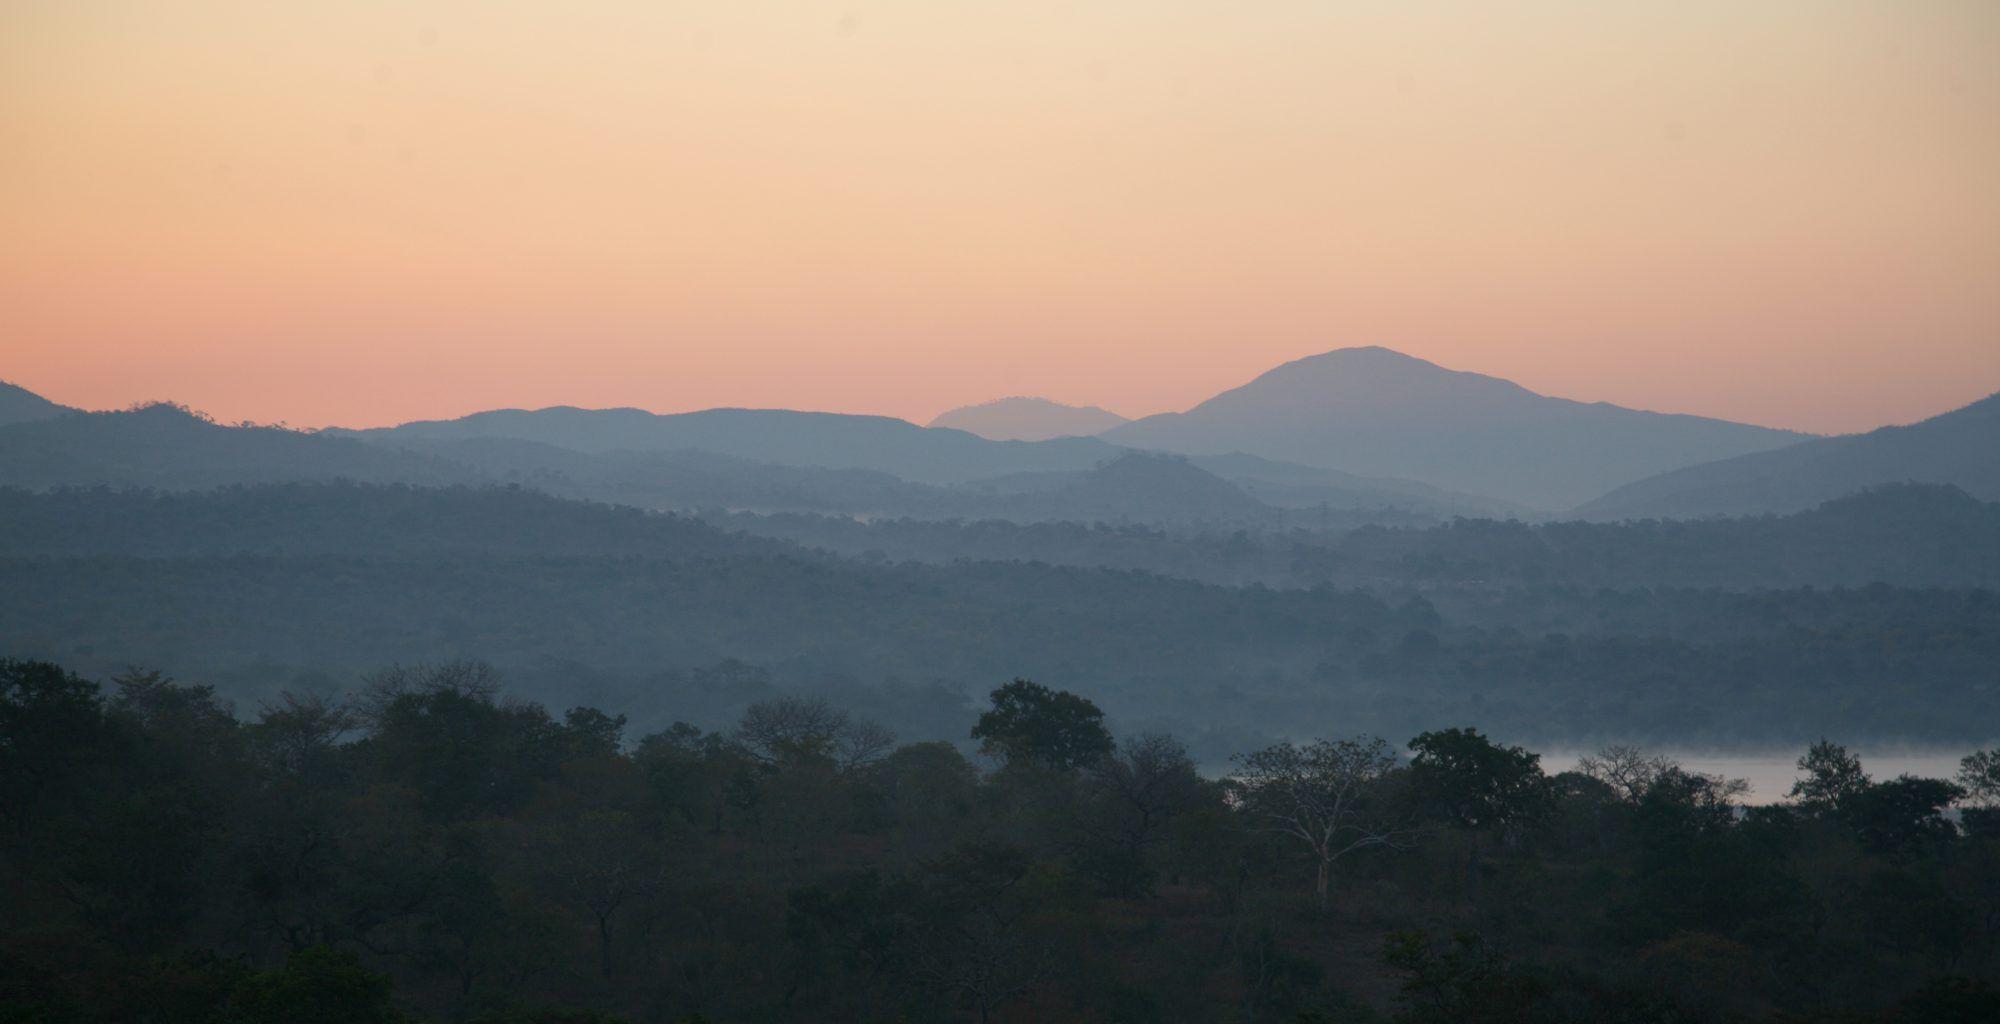 Malawi-Majete-Wildlife-Reserve-Sunrise